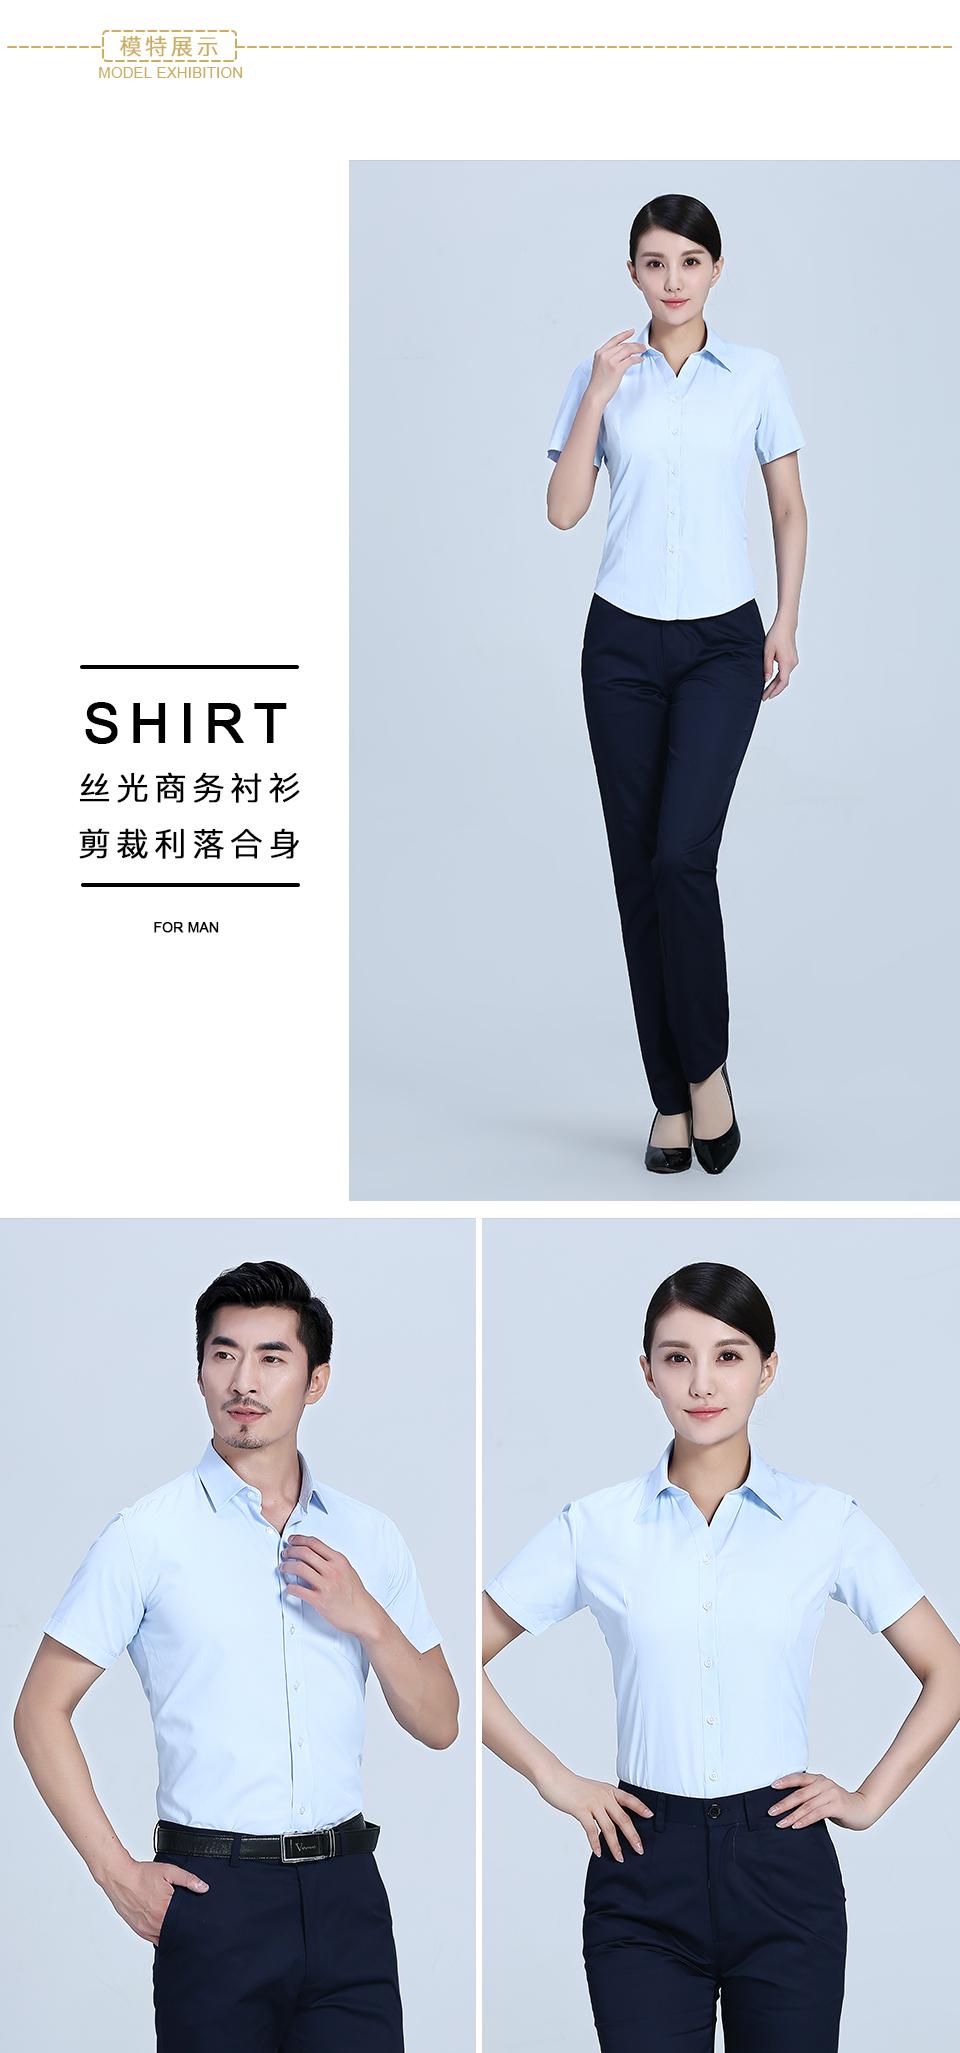 新款浅蓝商务短袖衬衫